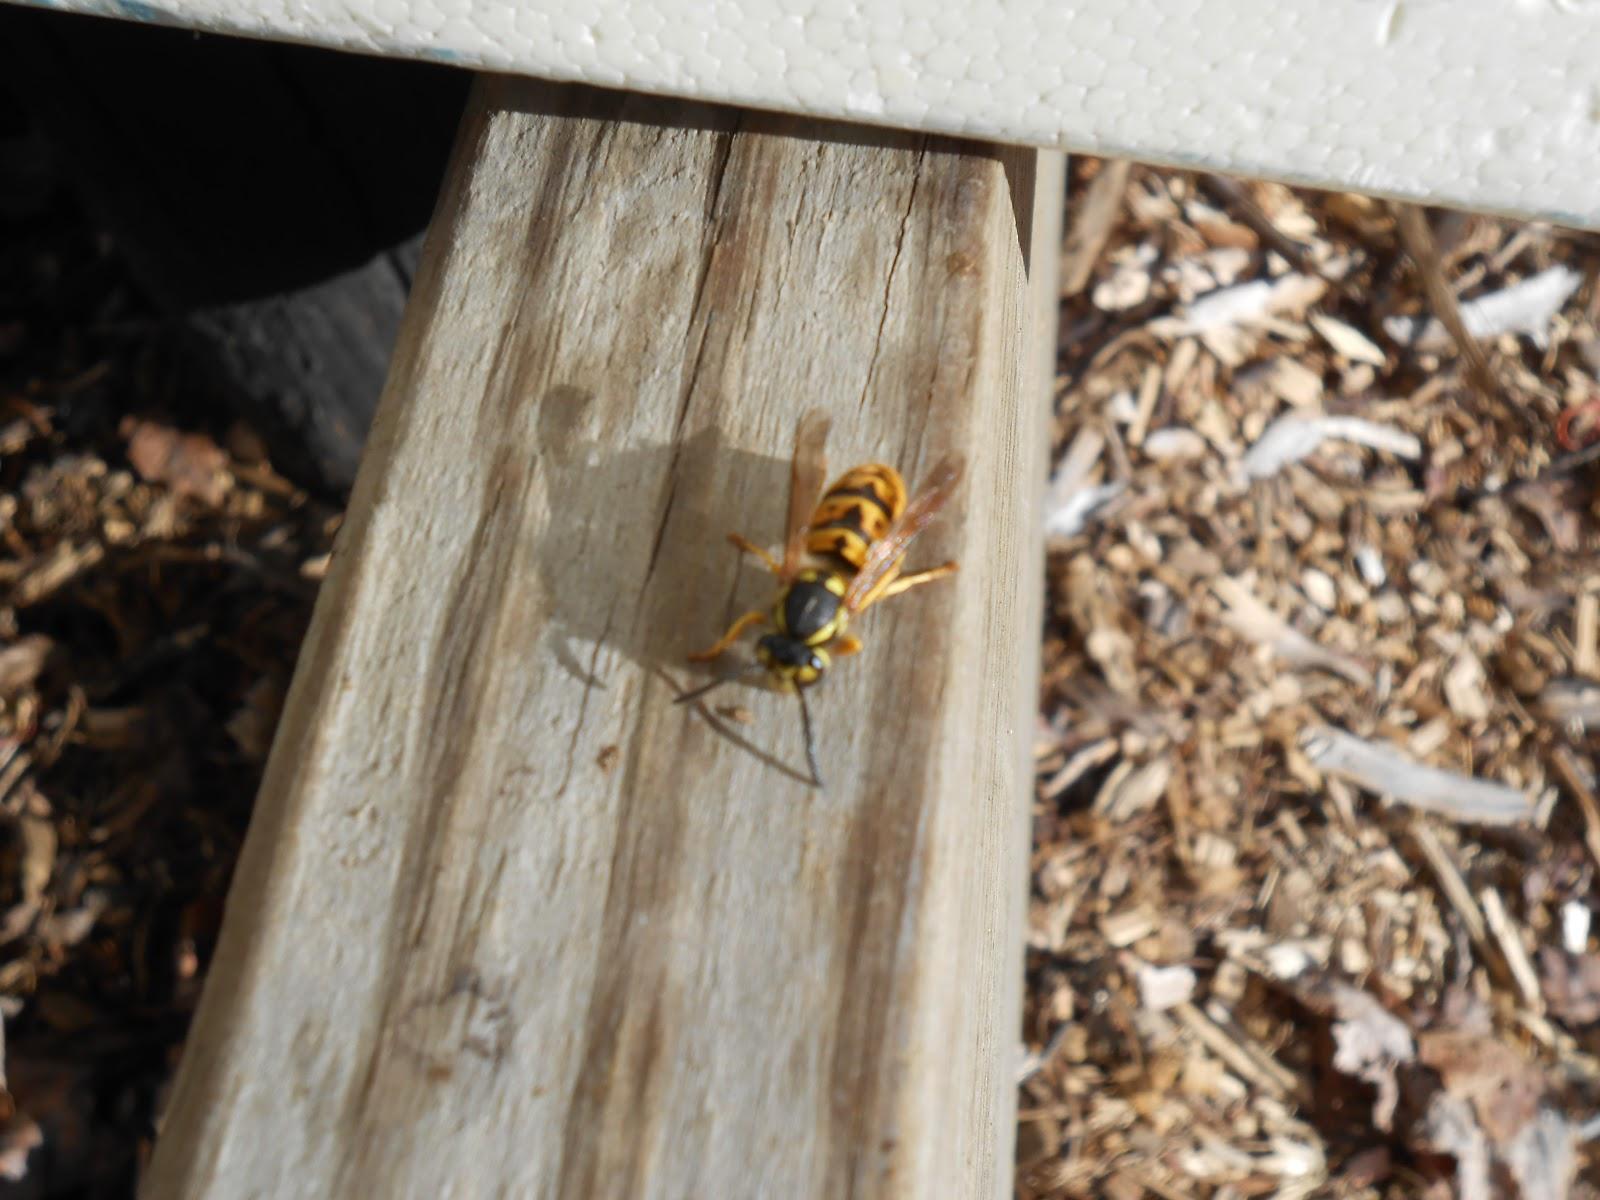 Homemade Wasp Killer Spray